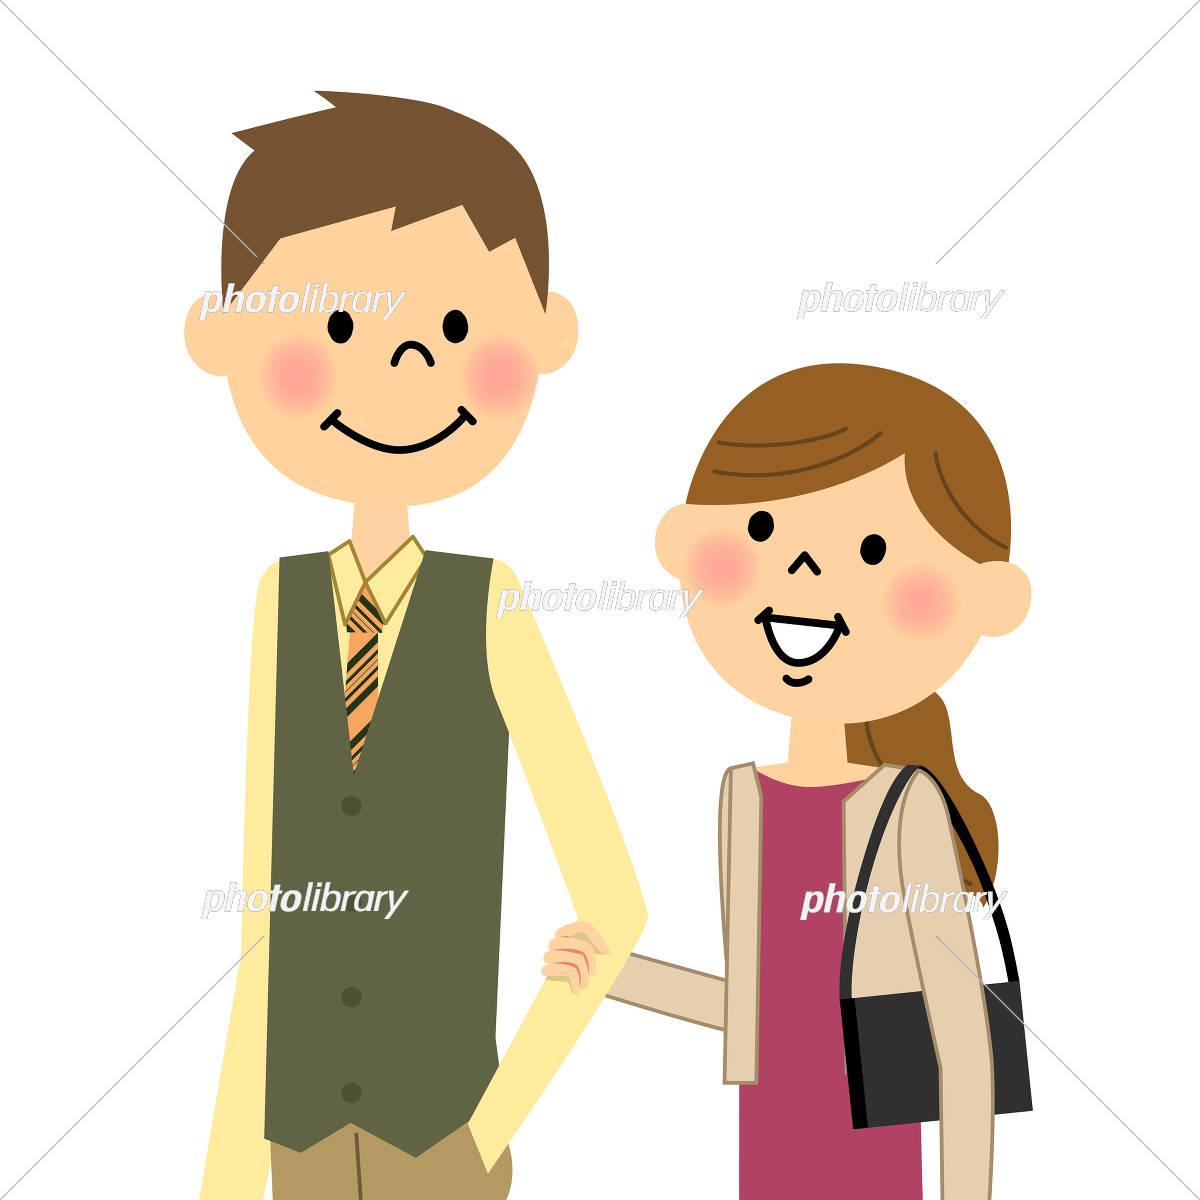 デートするカップル イラスト素材 [ 5290274 ] - フォトライブラリー